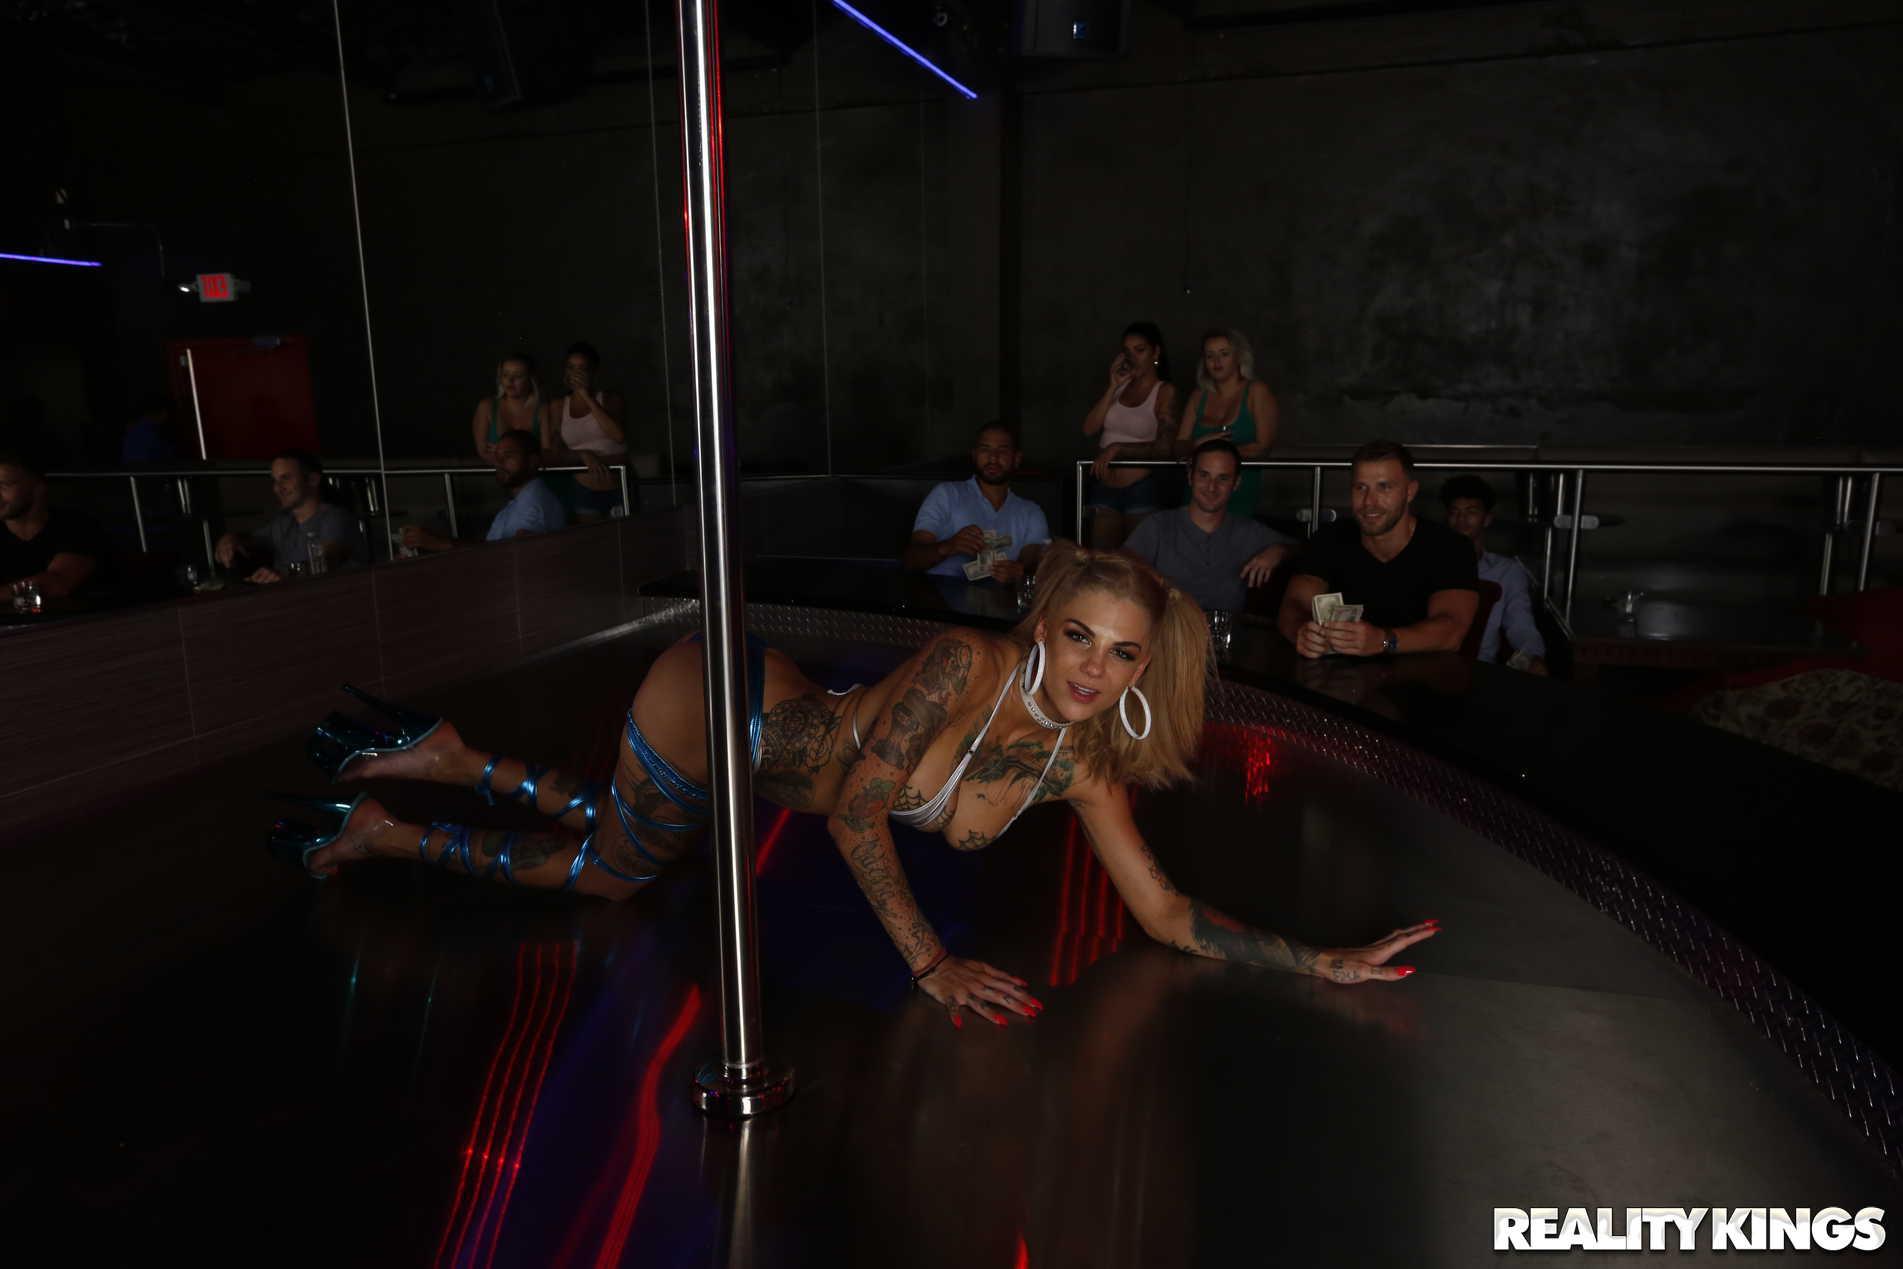 Moods nightclub